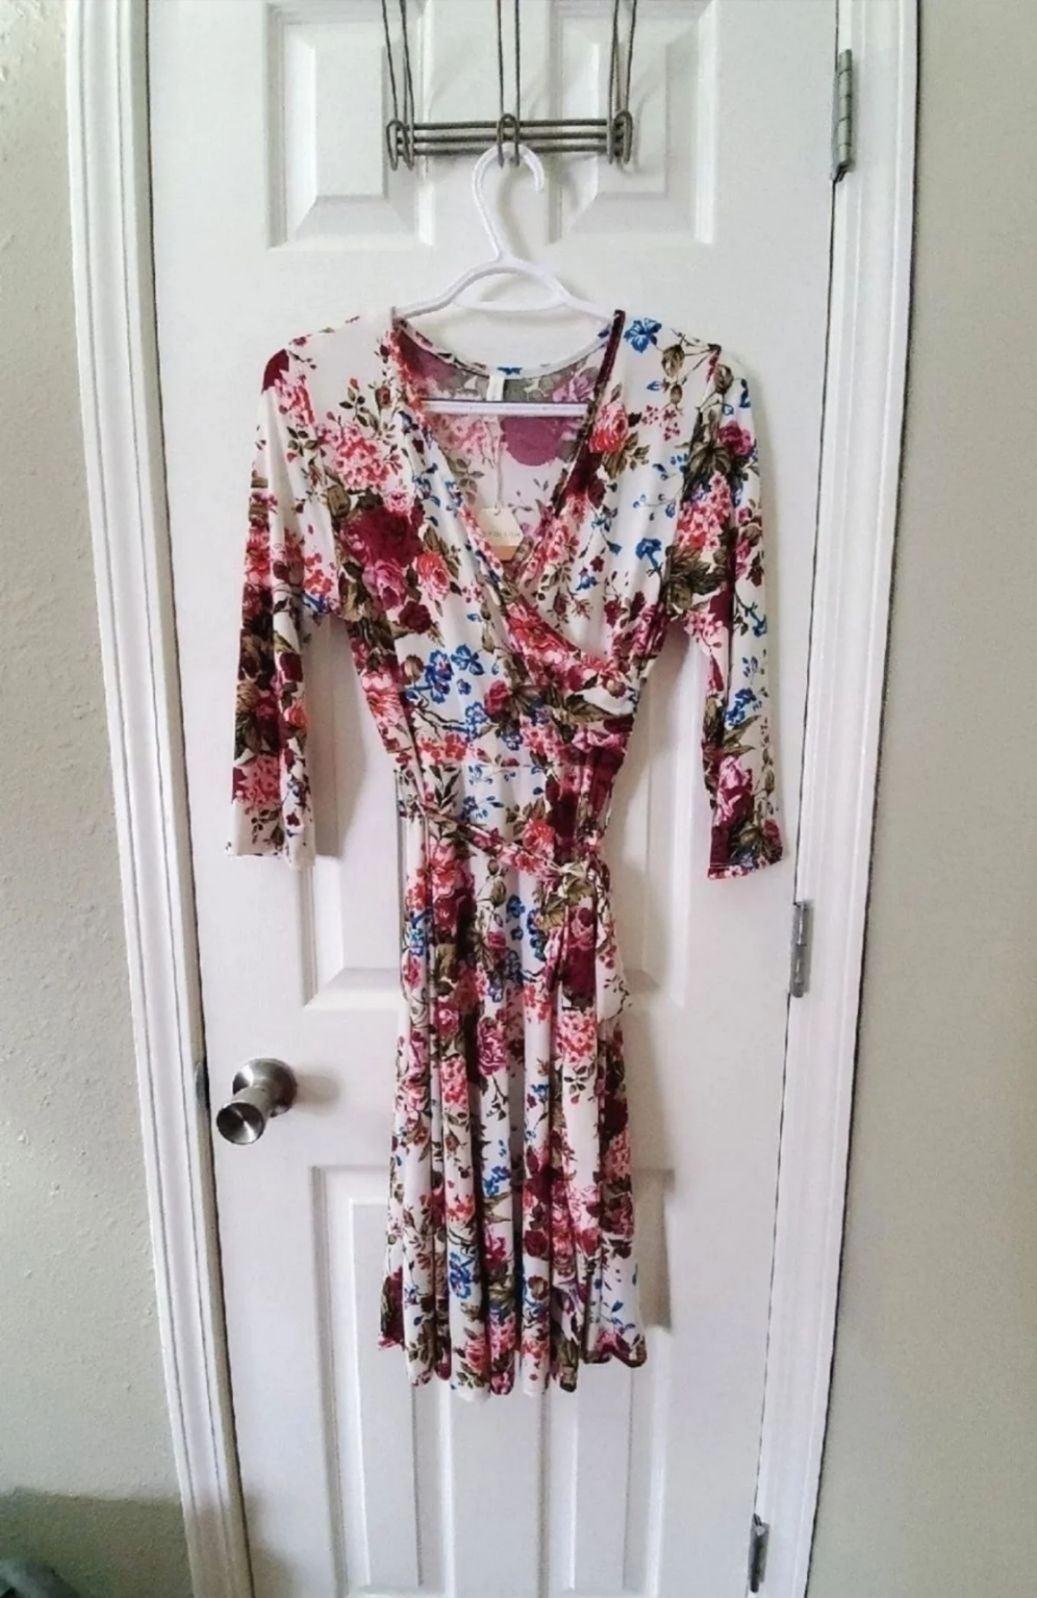 Pinkblush Small White Floral Wrap Dress